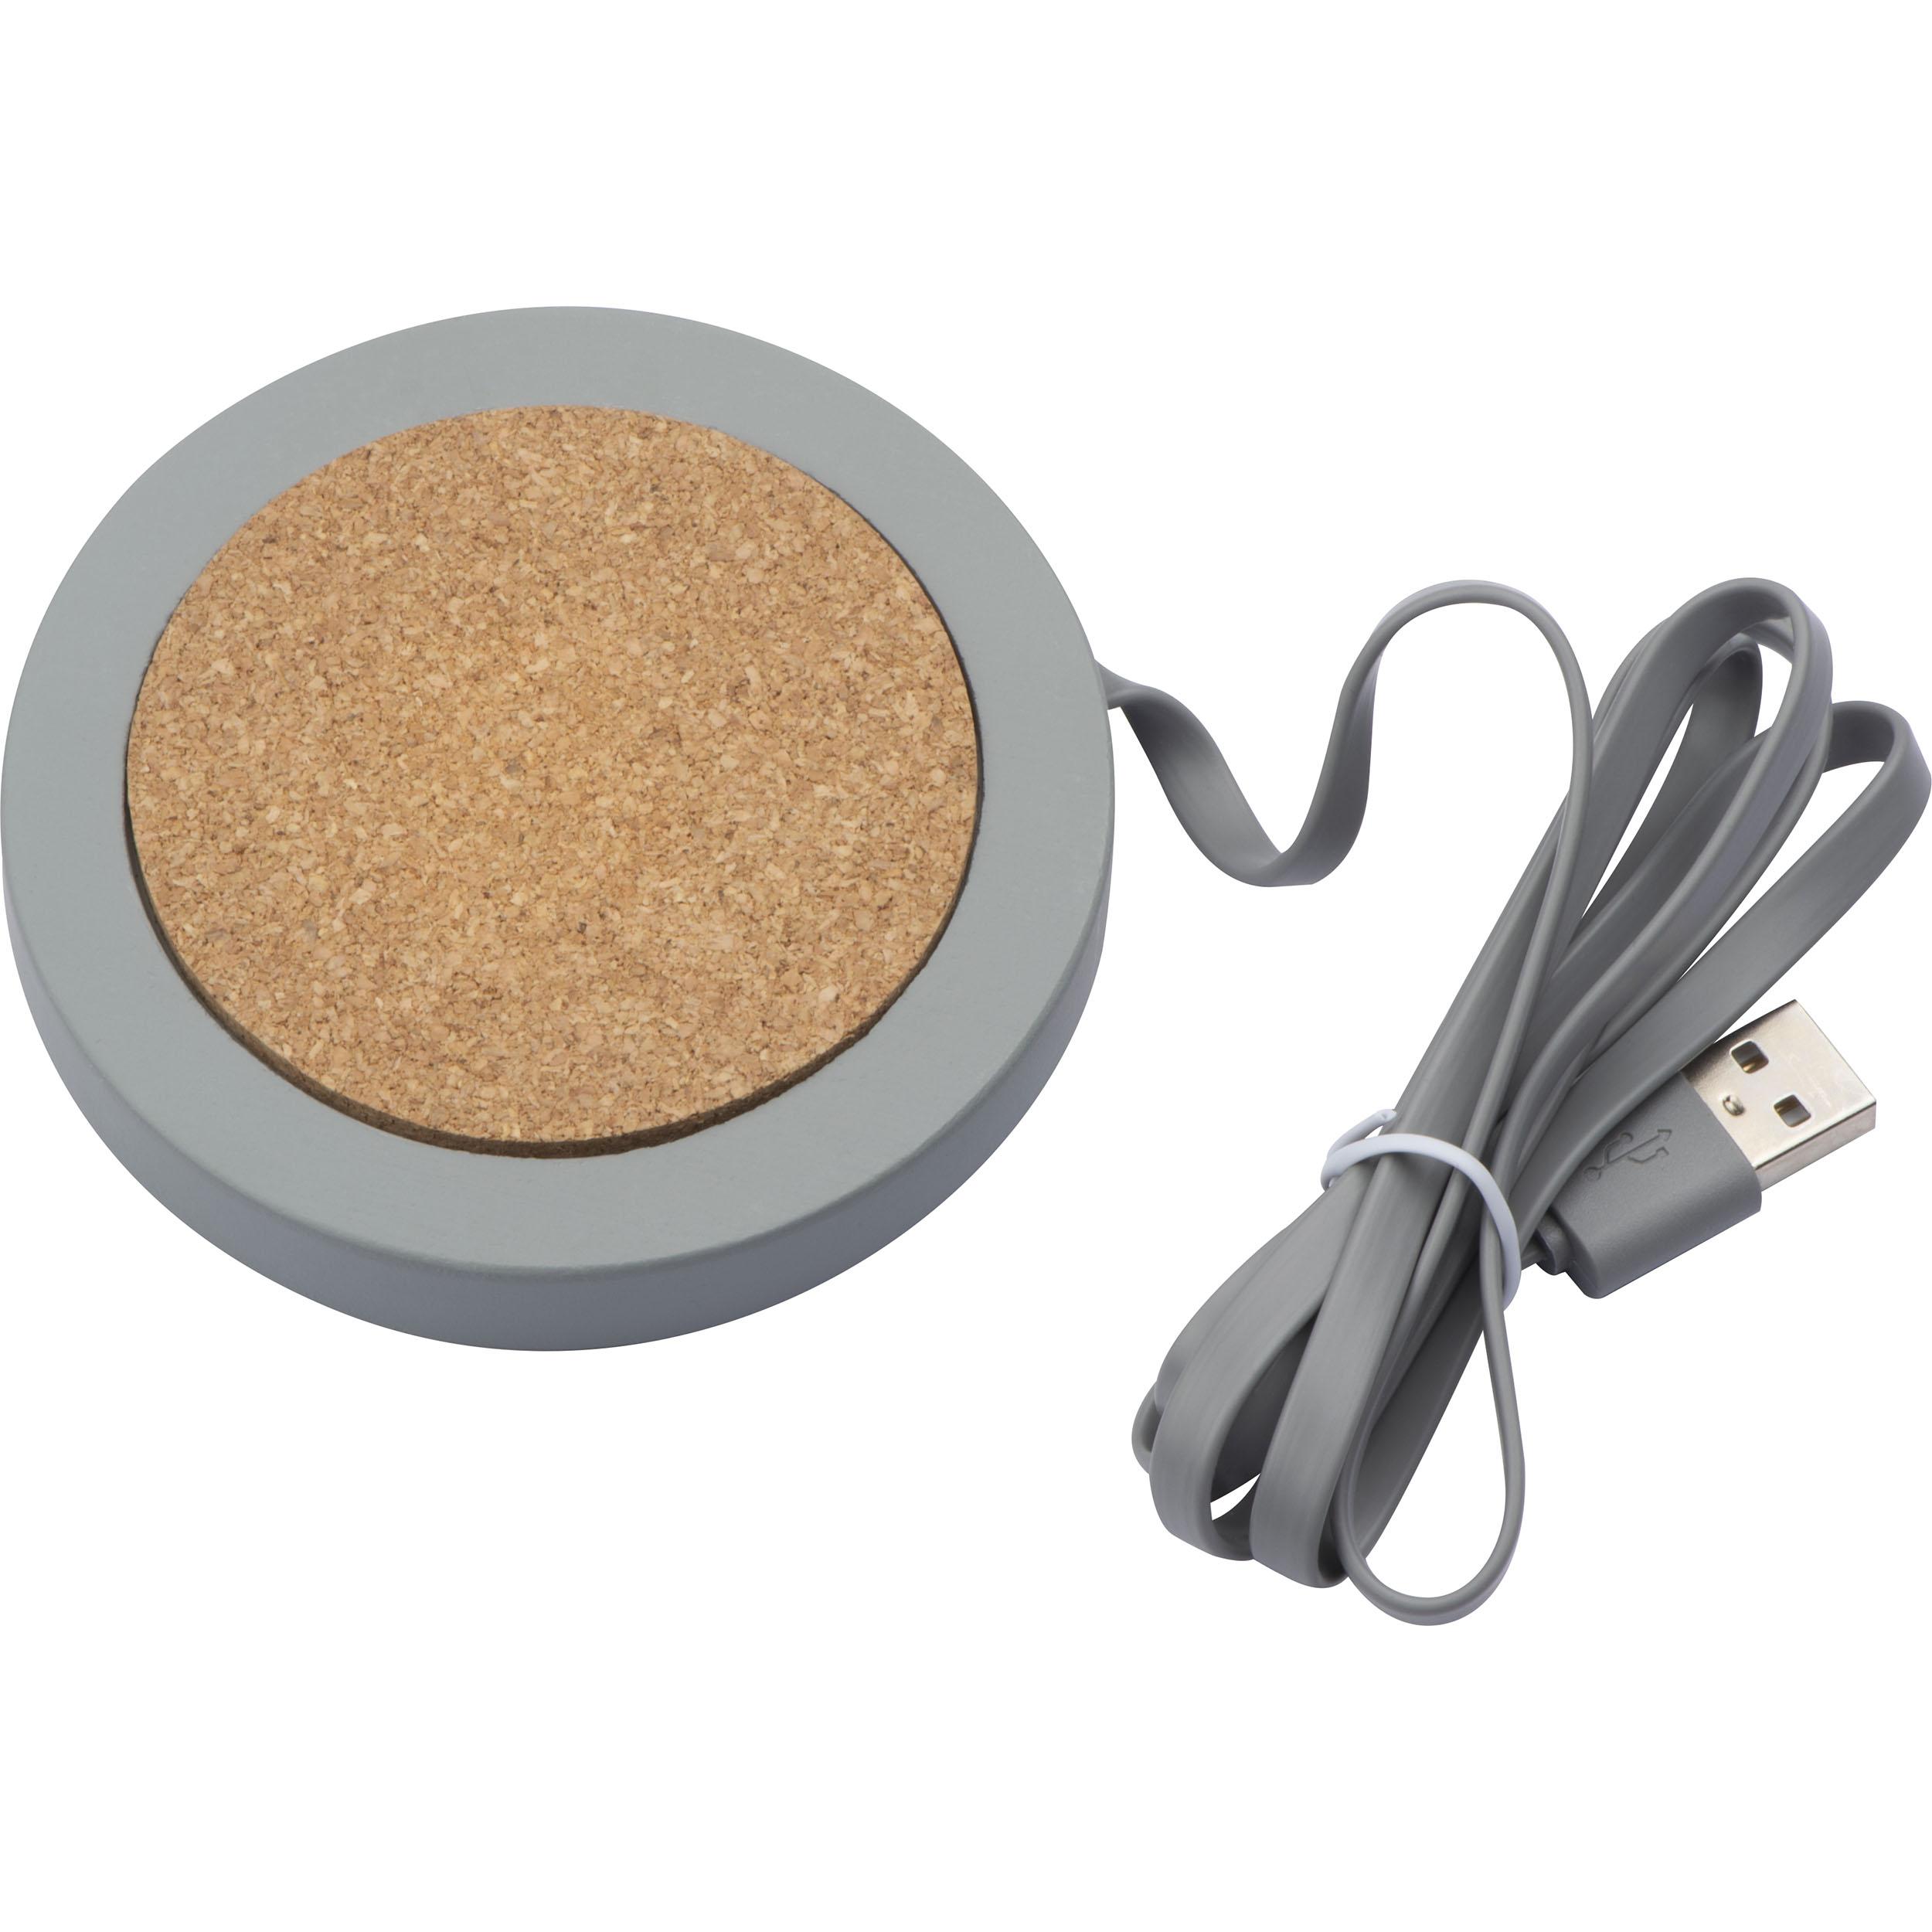 Chargeur à induction avec liège